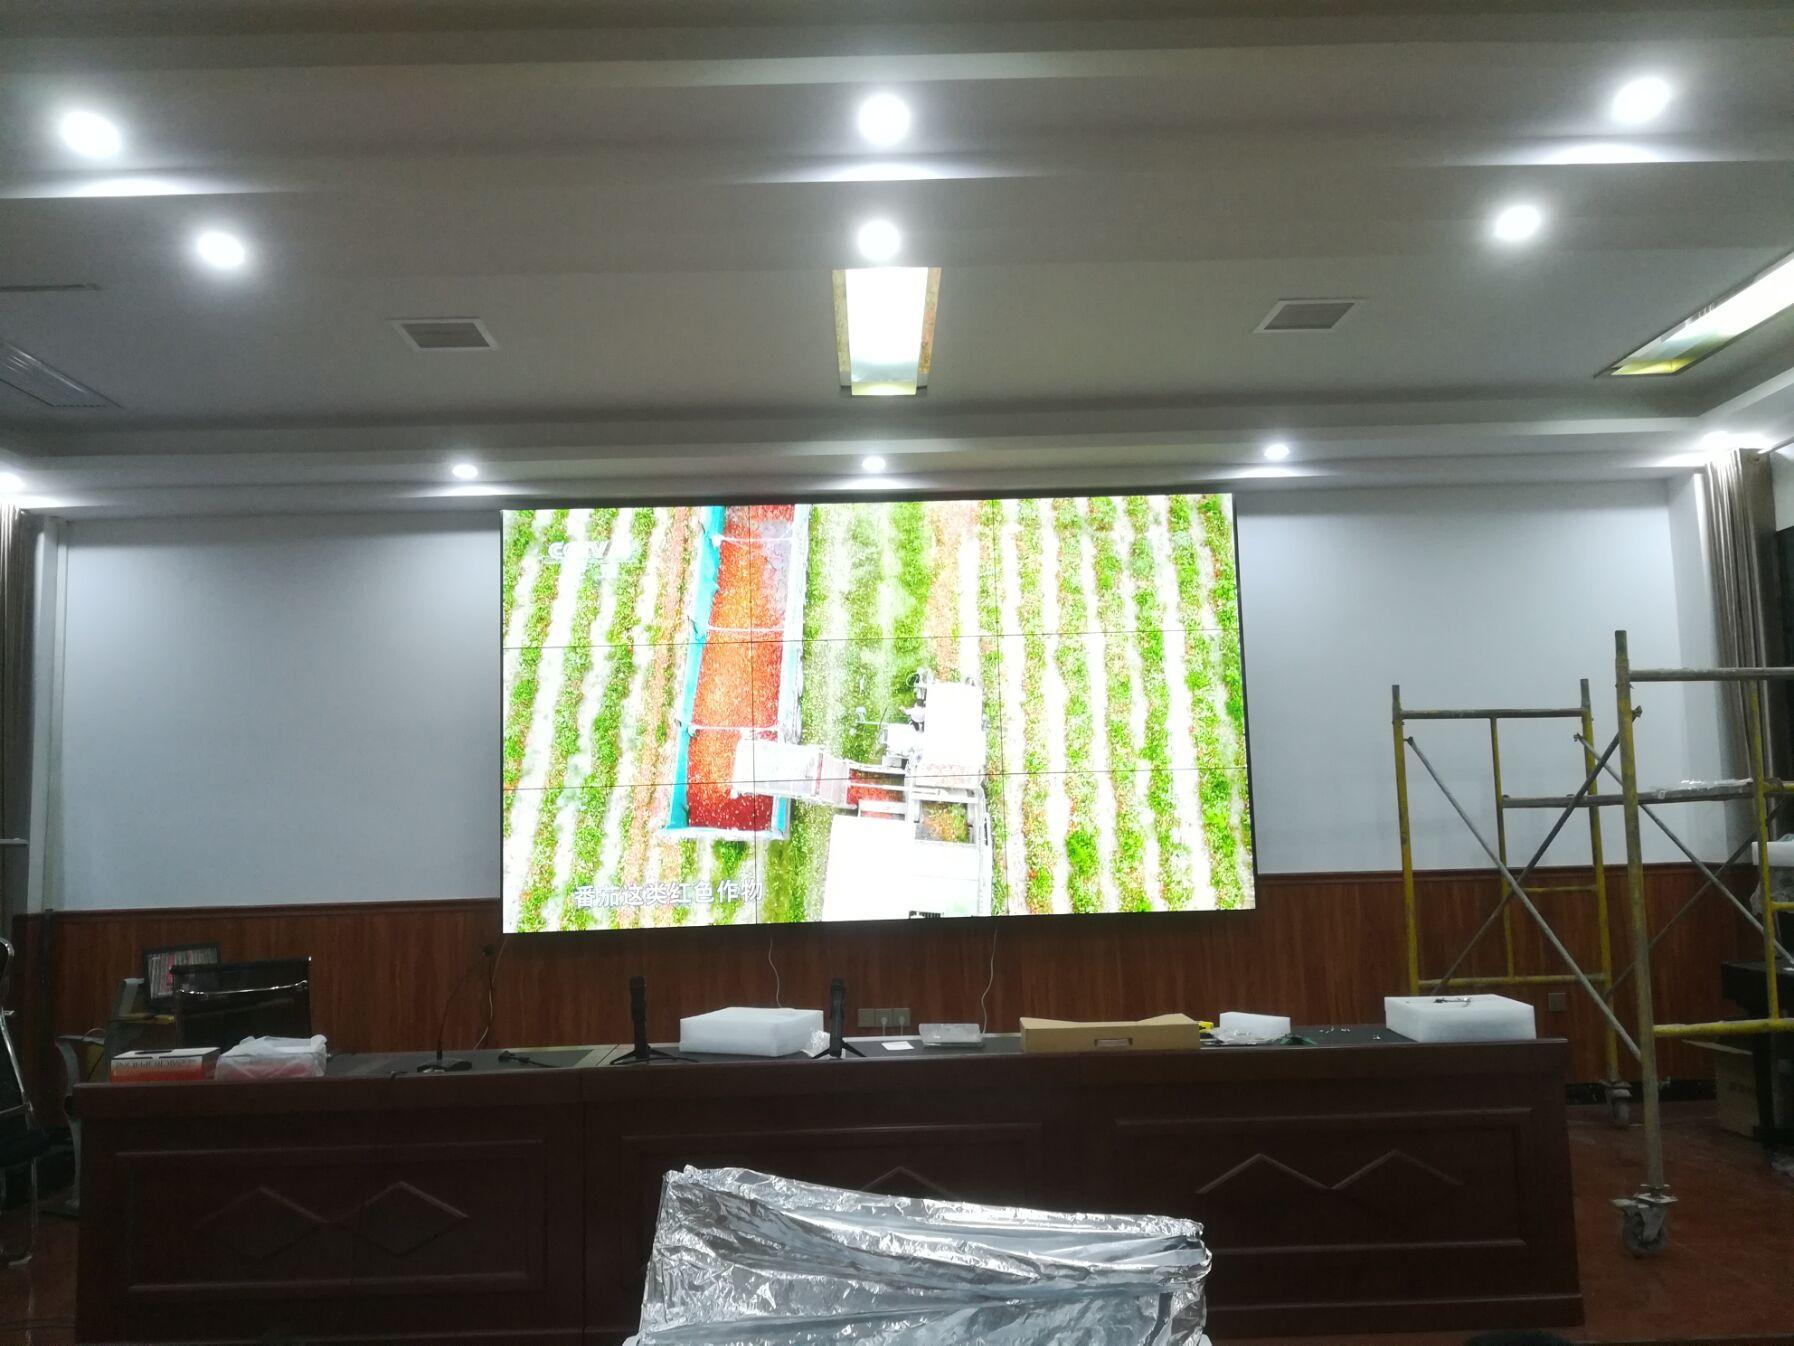 湖北安陆实验中学55寸壁挂液晶拼接屏.jpg